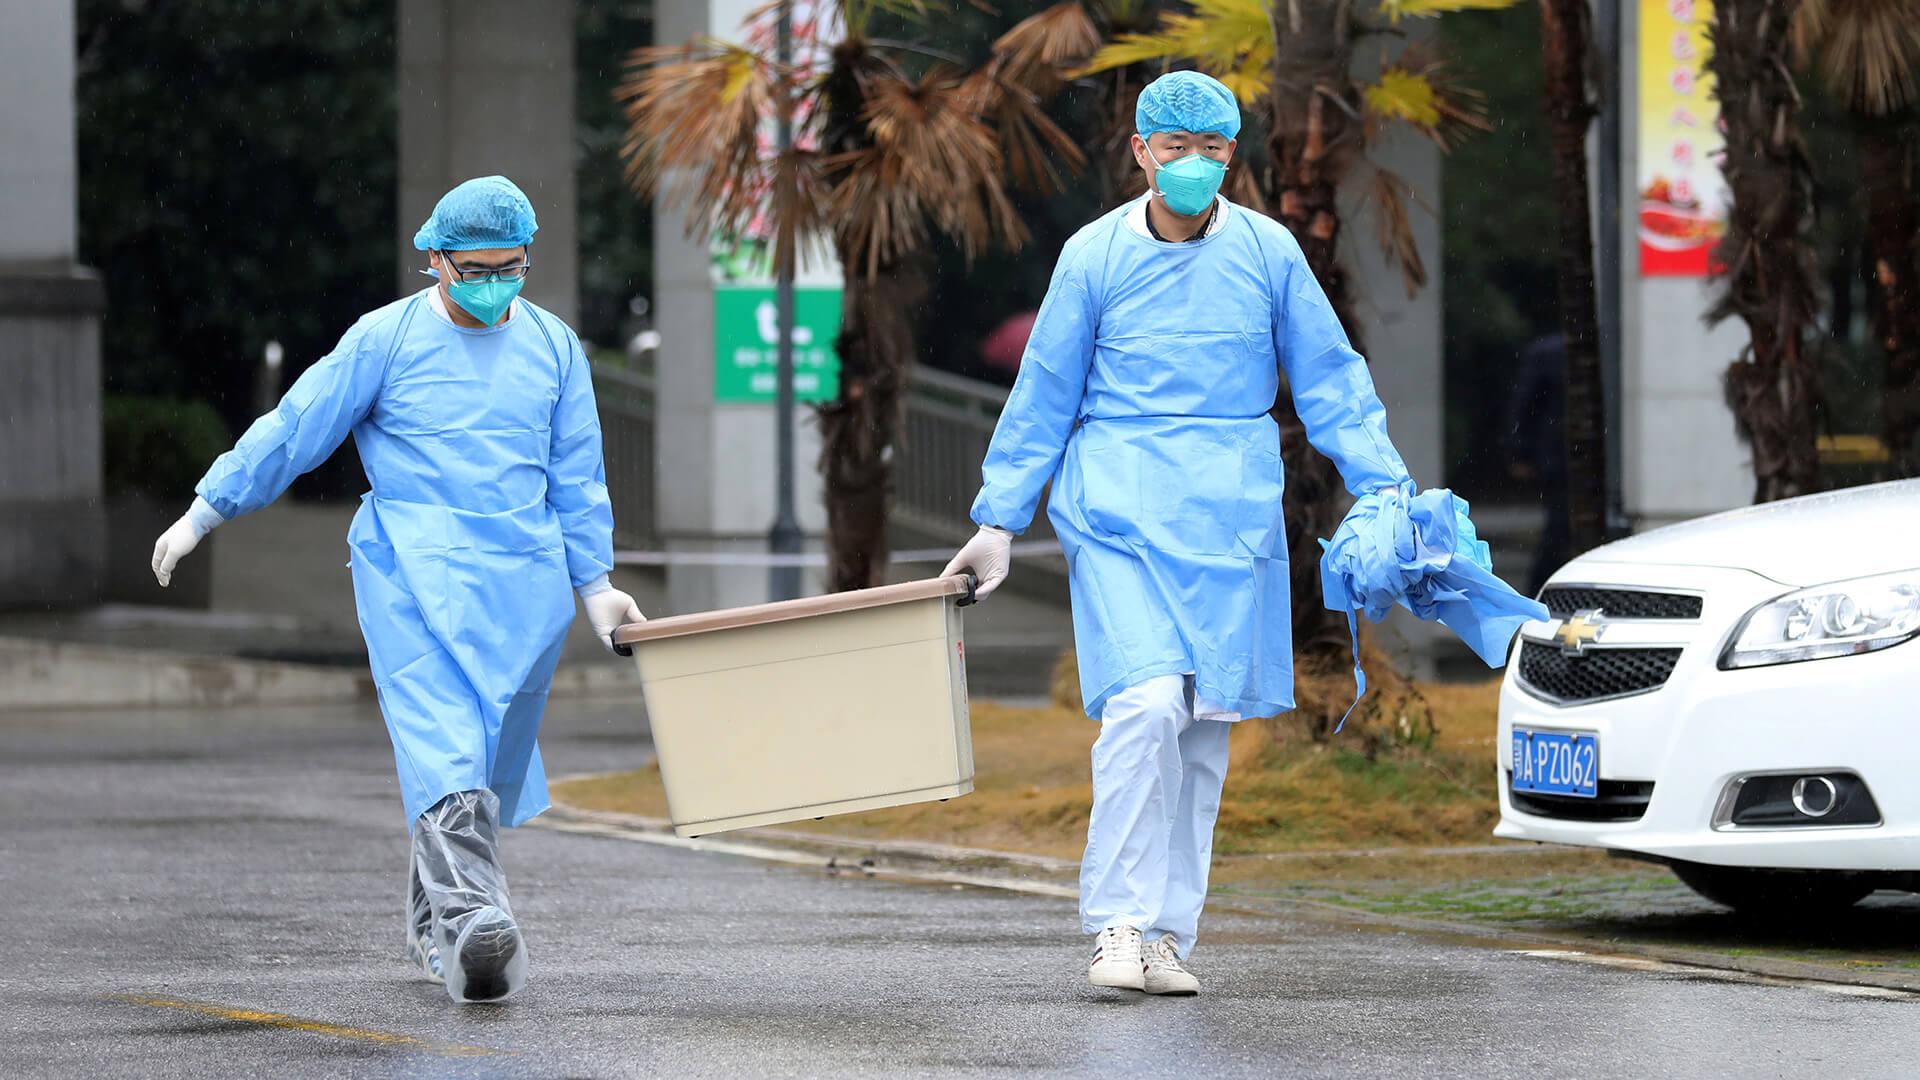 تايلاند: ارتفاع عدد الإصابات المؤكدة بفيروس كورونا إلى 14 حالة